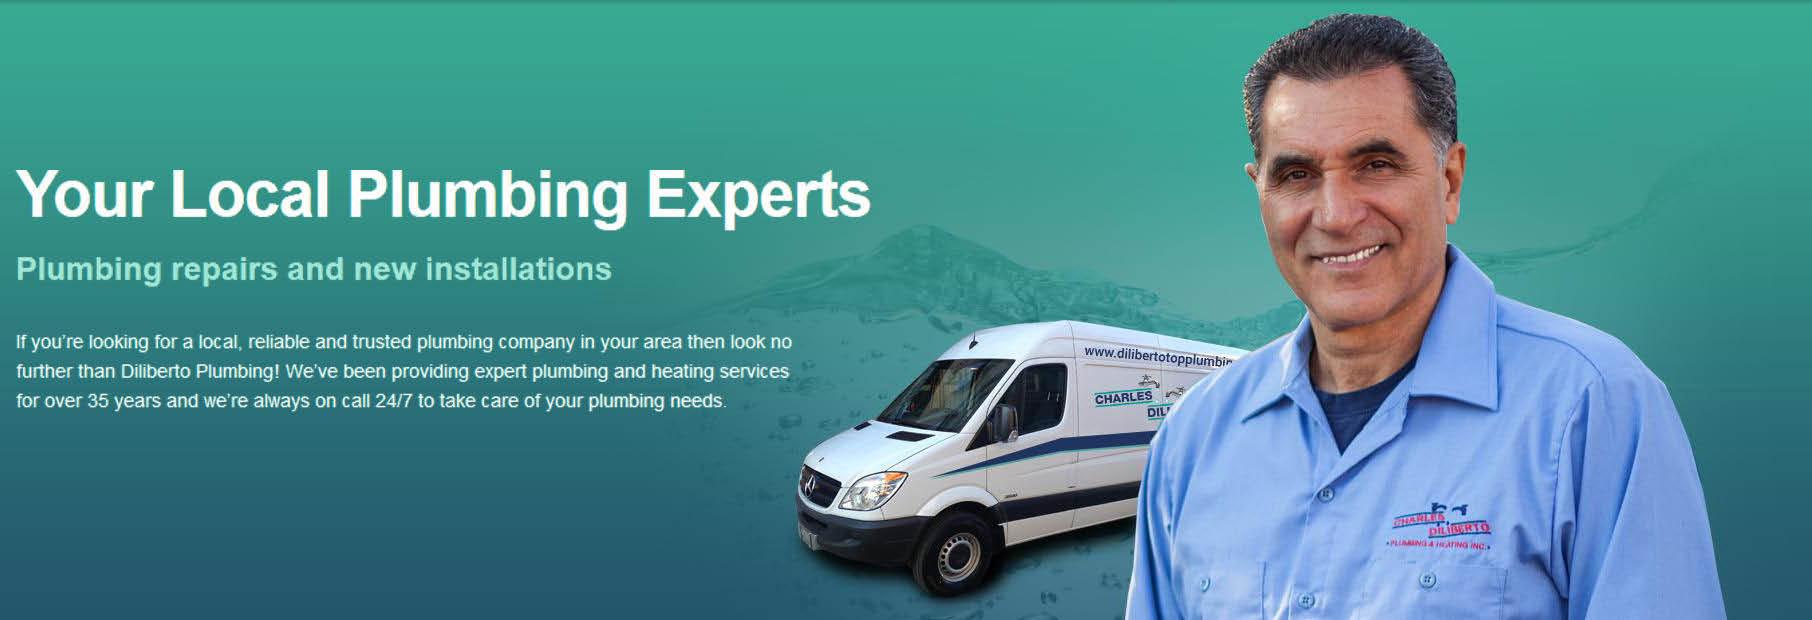 charles diliberto plumbing,plumbing repairs,water repair,leaks,Pennsylvania plumbing,